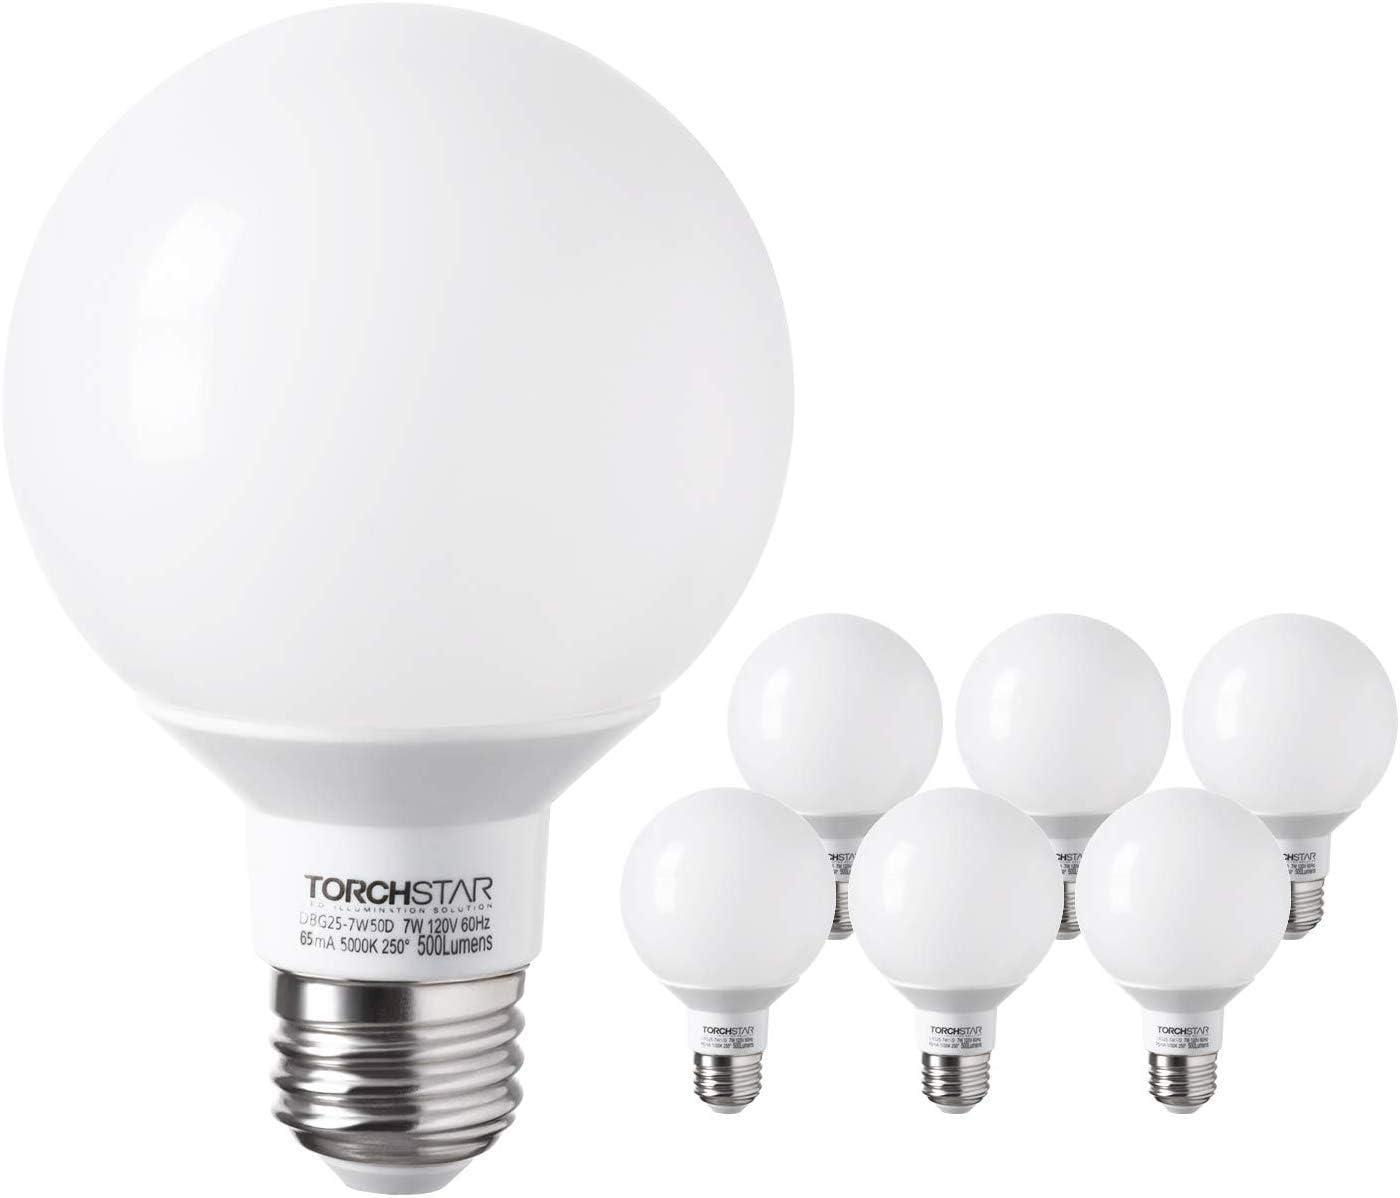 TORCHSTAR G25 Globe led Bulb